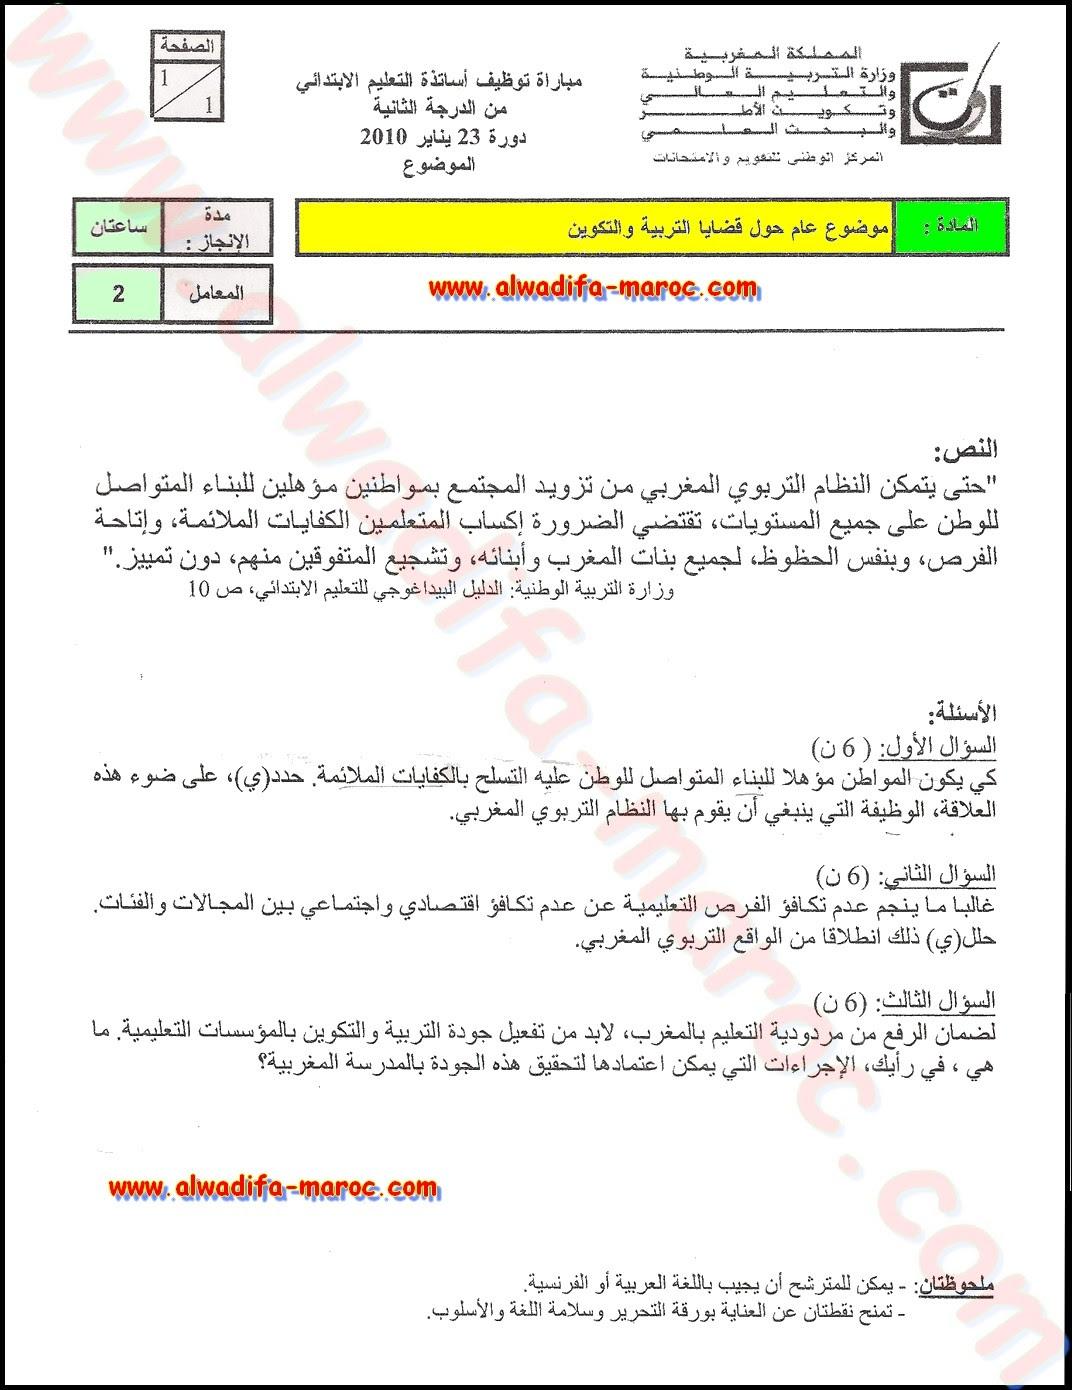 نموذج رسالة تحفيزية لطلب عمل بالعربية Doc Risala Blog